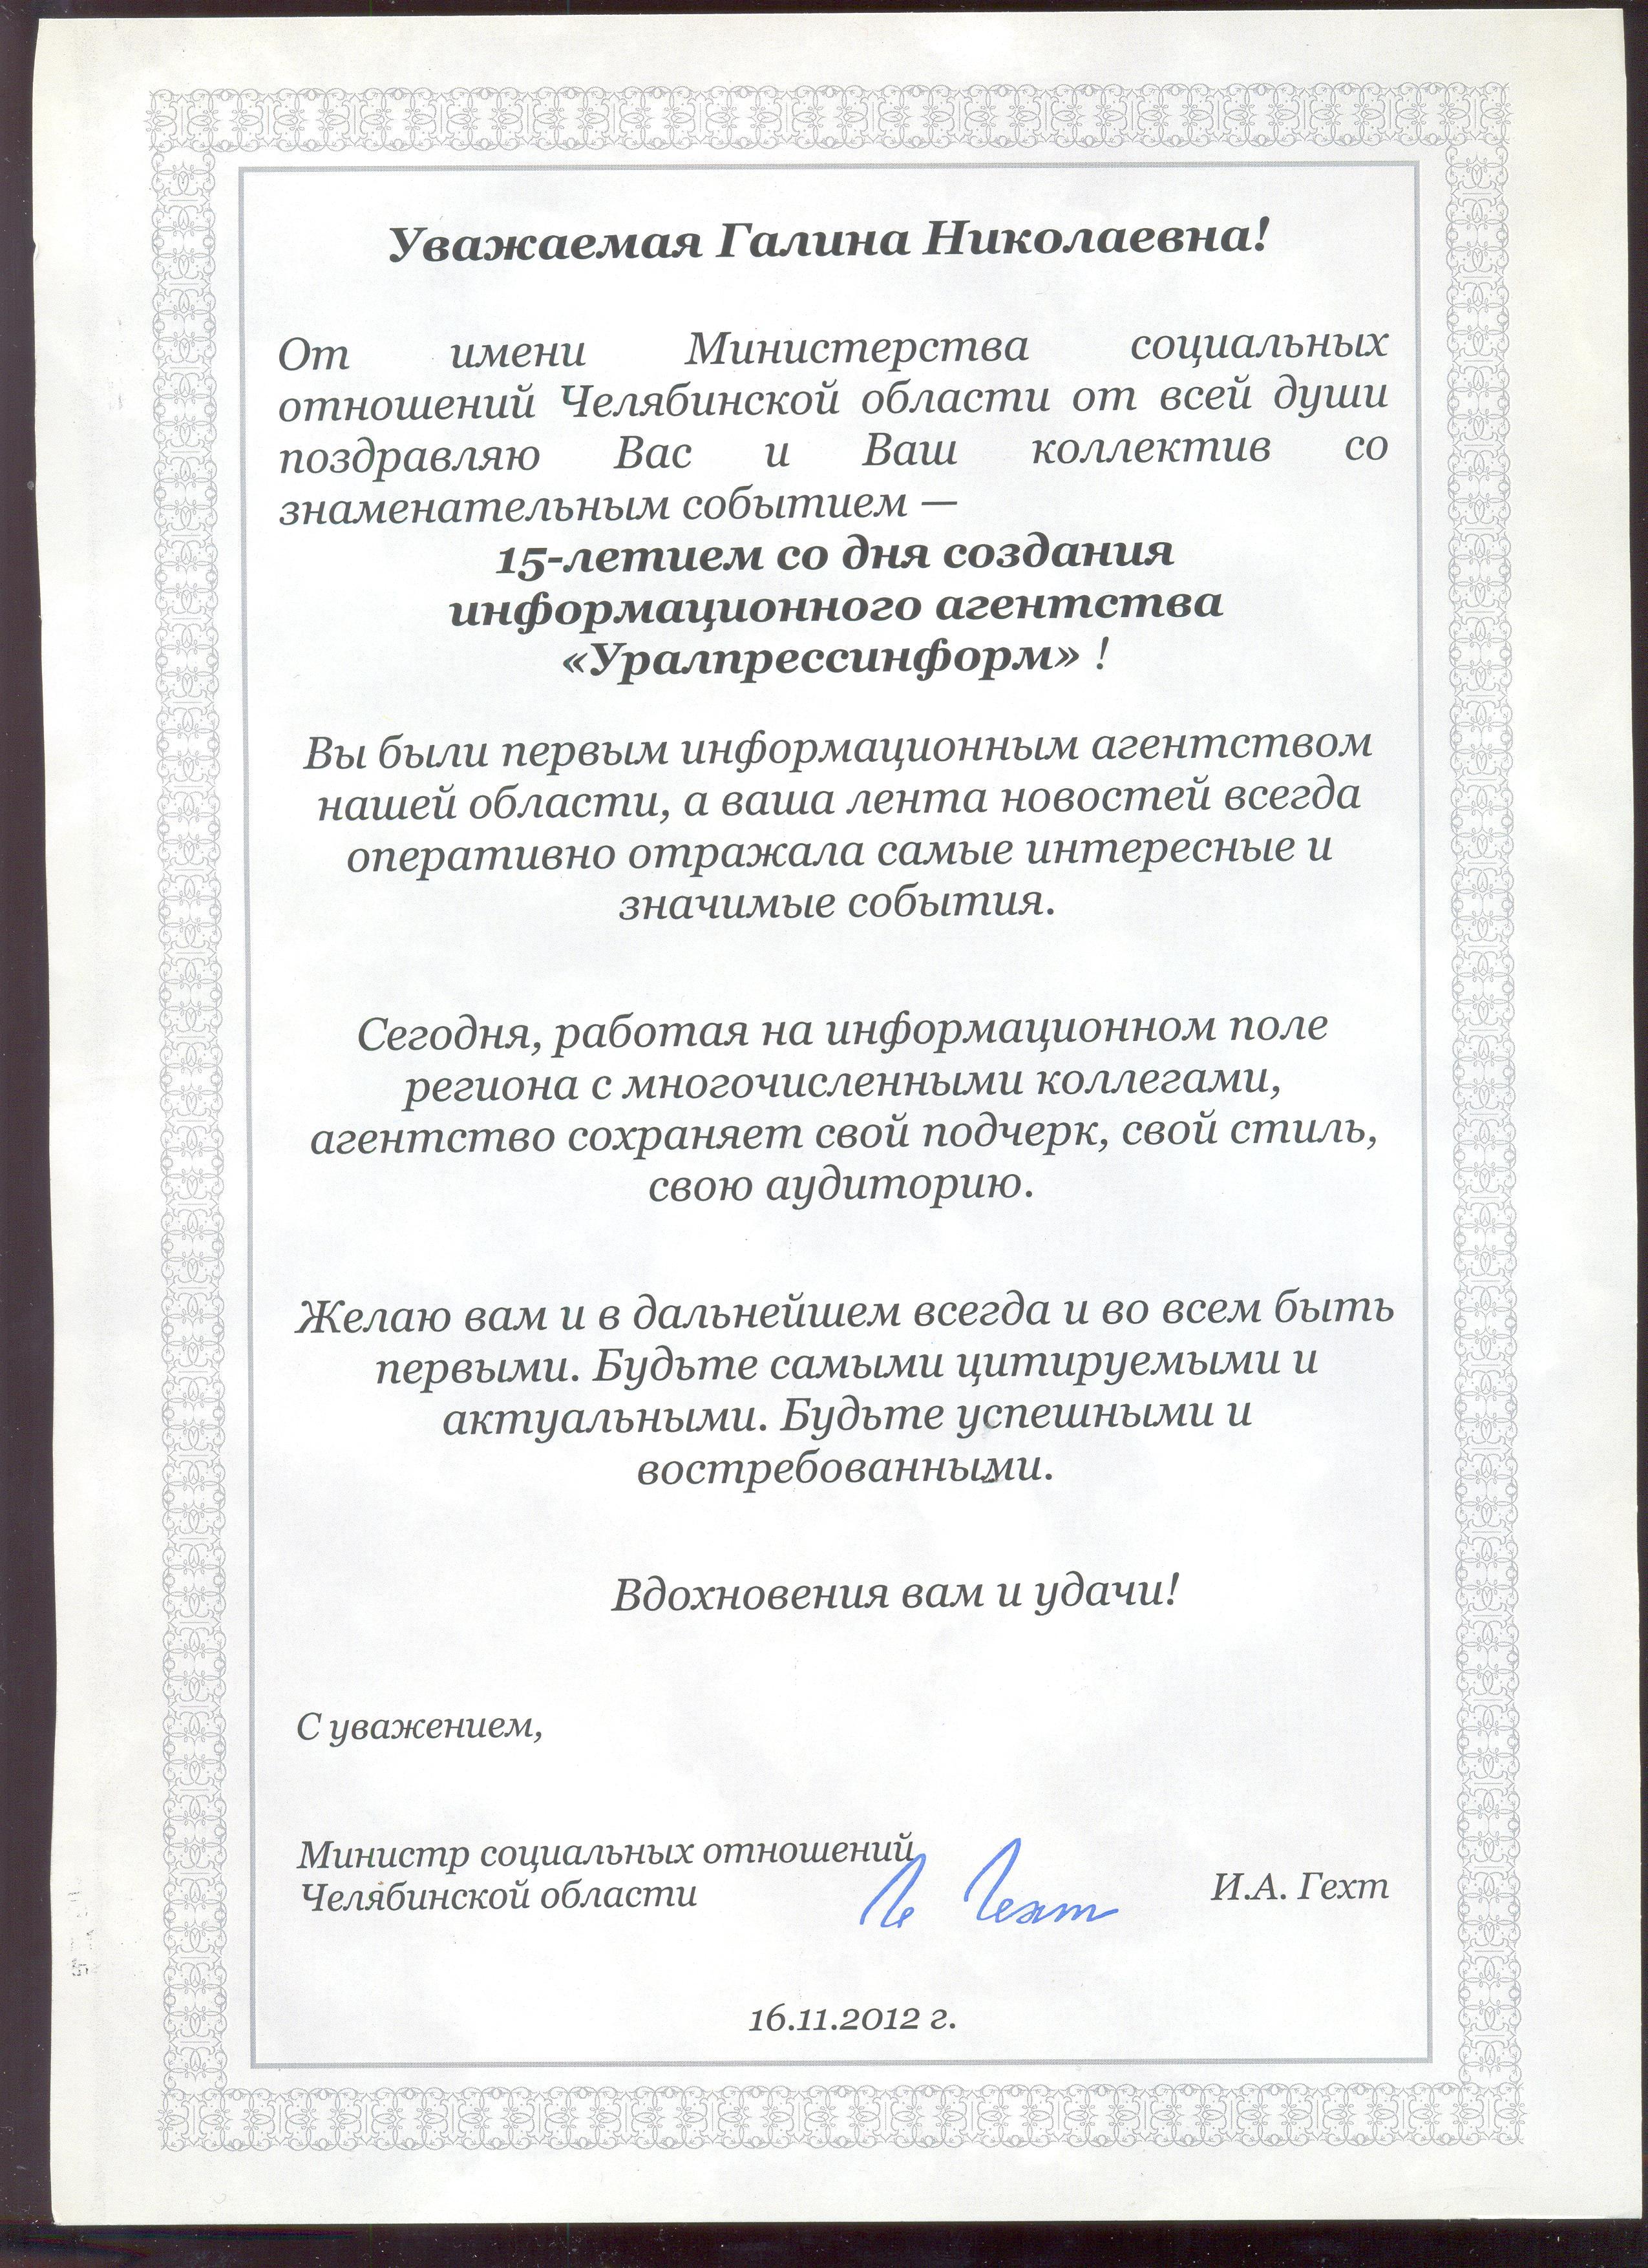 2012   Министерство социальных отношений Челябинской области